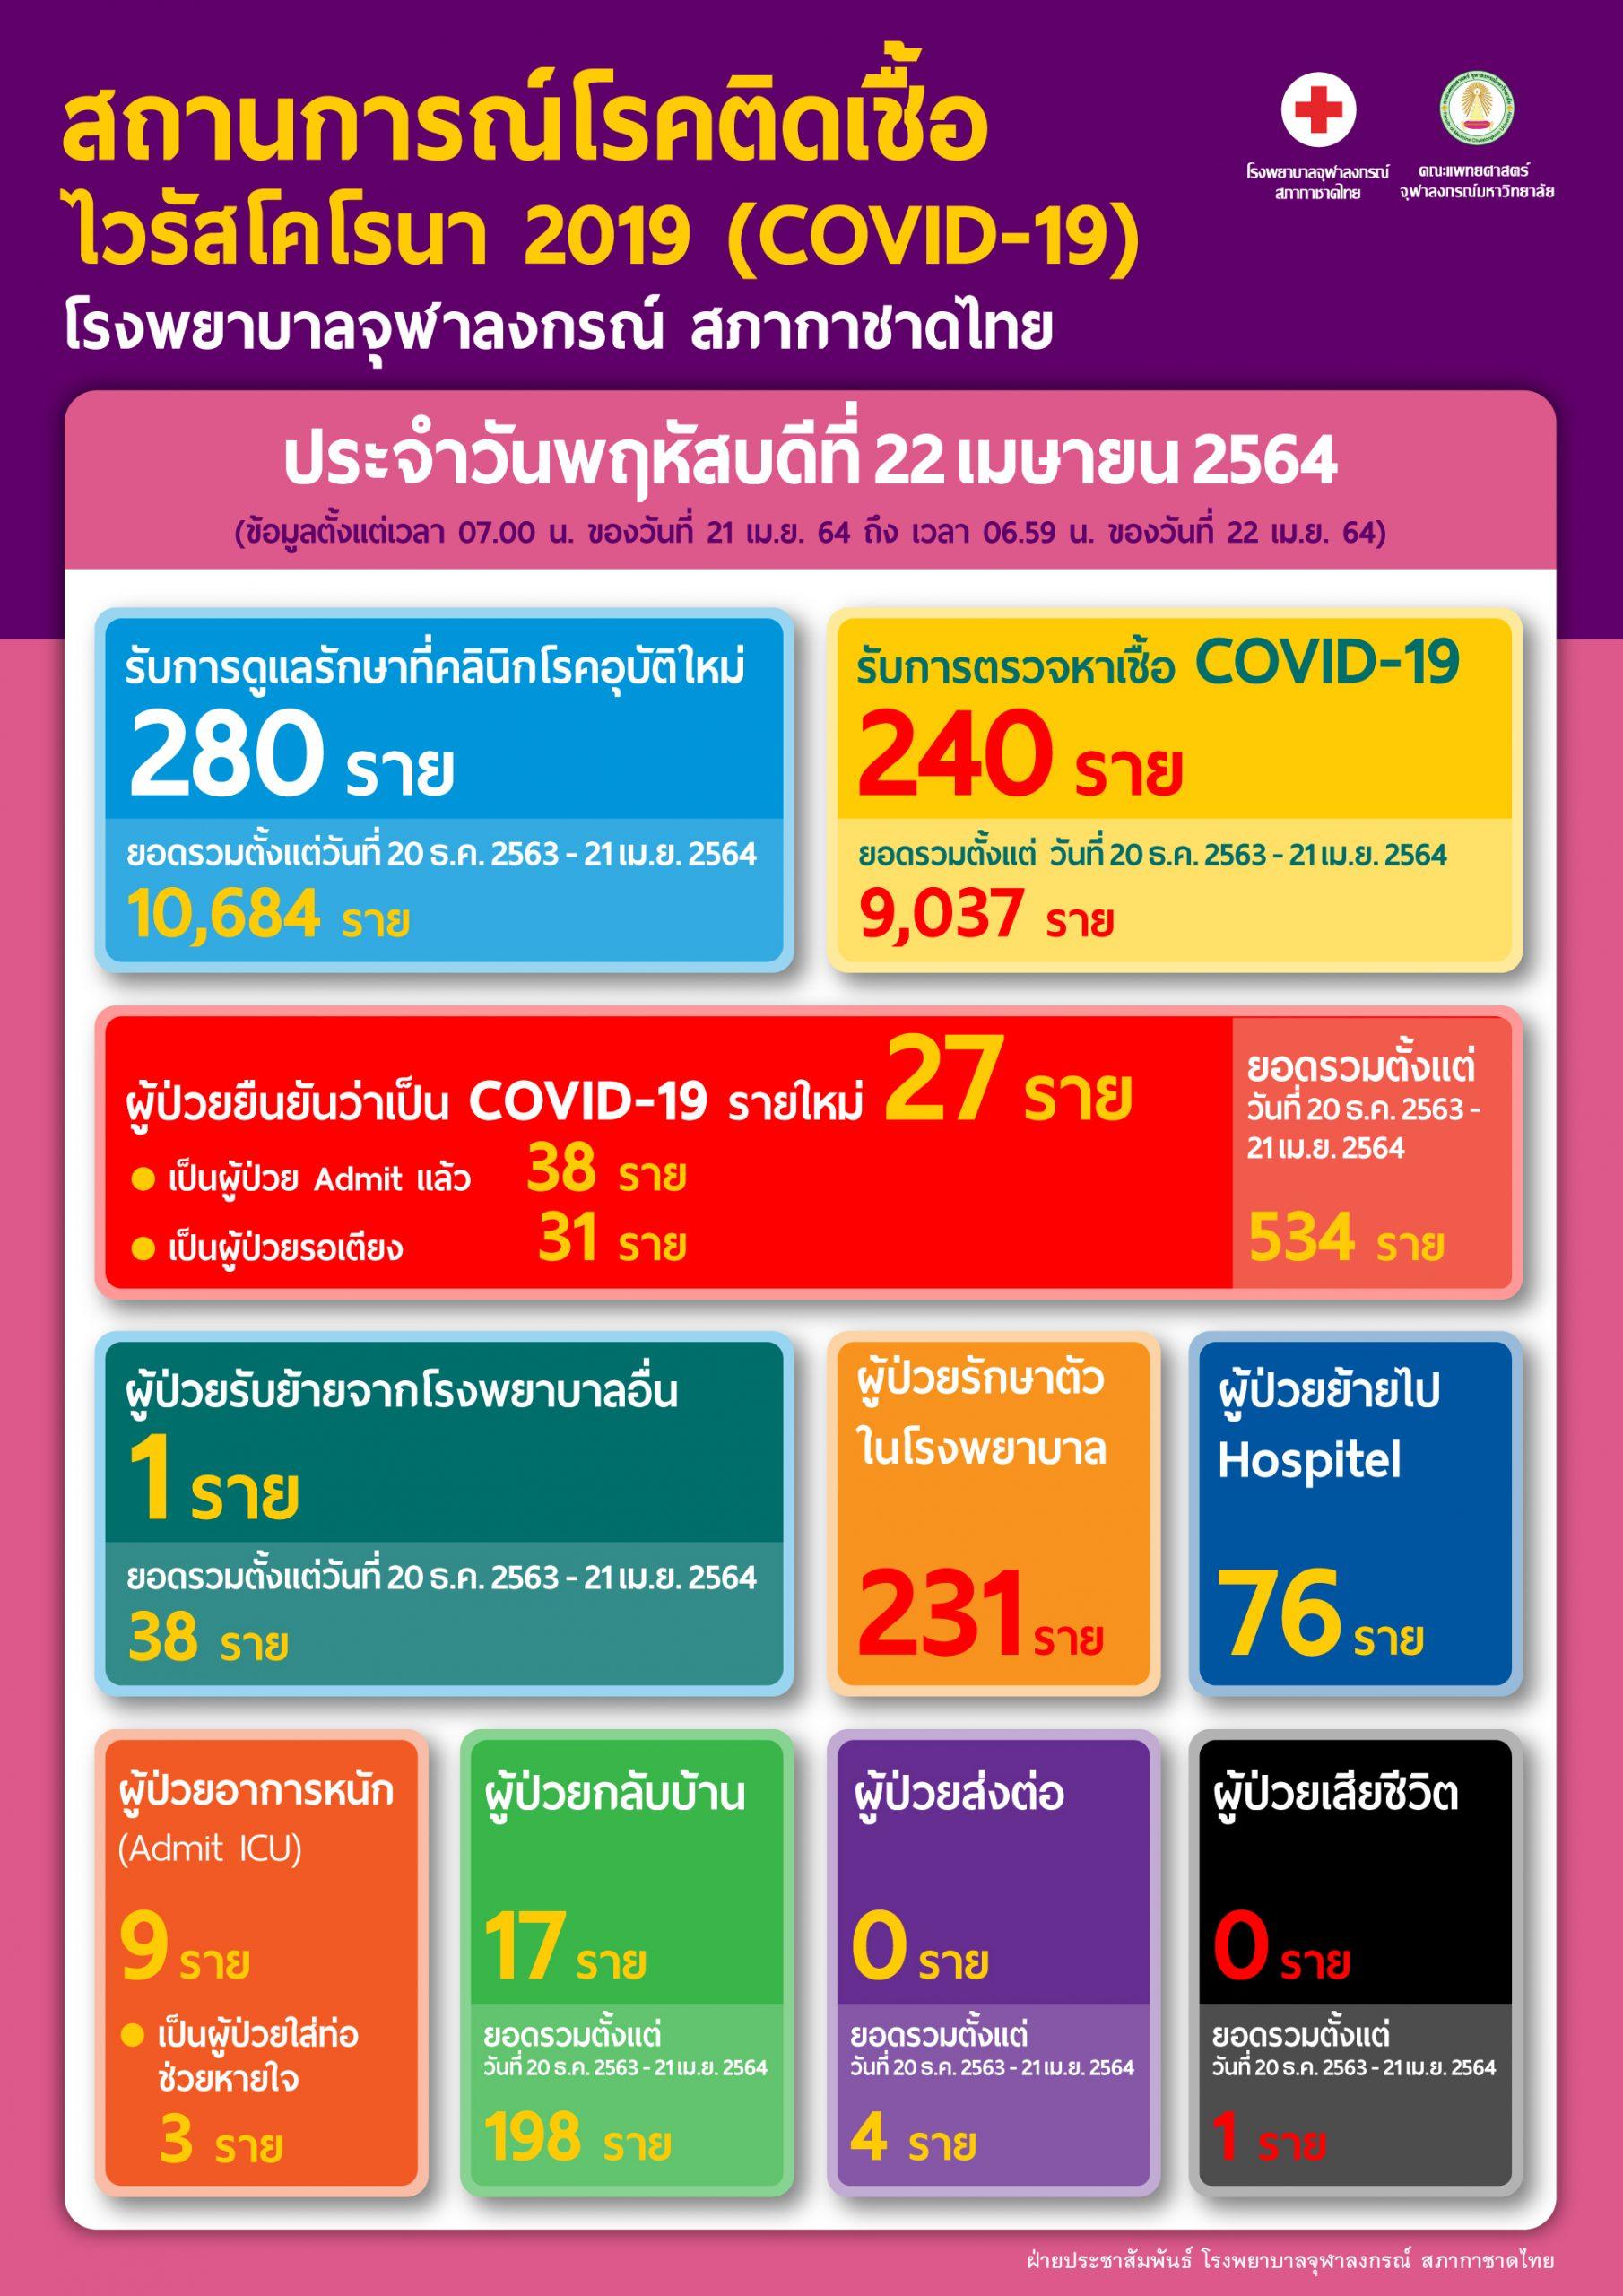 สถานการณ์โรคติดเชื้อ ไวรัสโคโรนา 2019 (COVID-19) โรงพยาบาลจุฬาลงกรณ์ สภากาชาดไทย ประจำวันจันทร์ที่ 26 เมษายน 2564